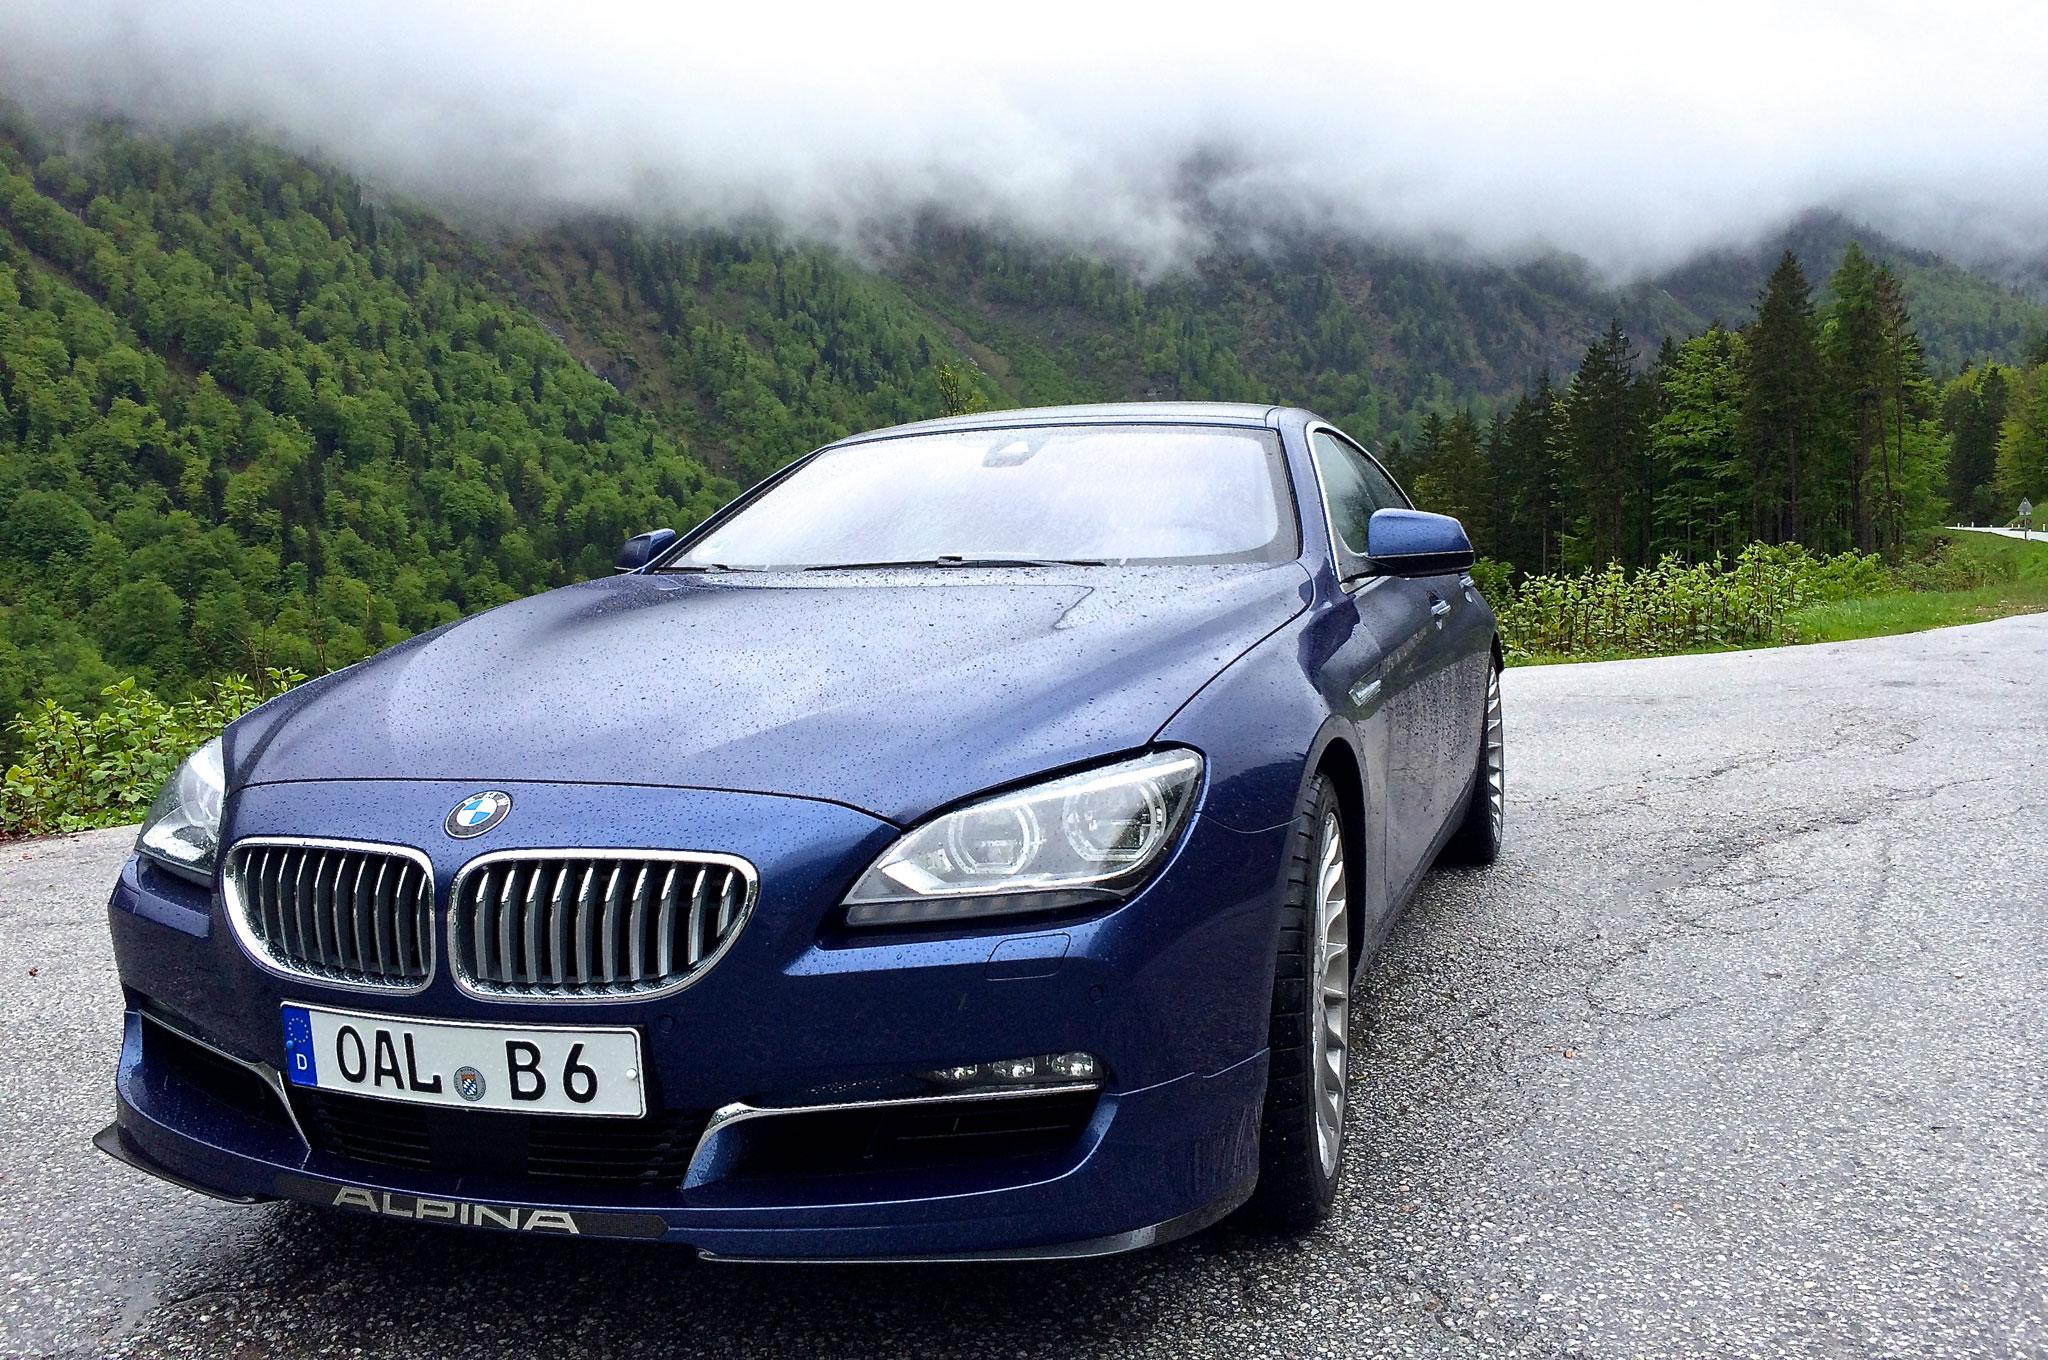 BMW Alpina B XDrive Gran Coupe Review Automobile Magazine - Alpina b6 xdrive gran coupe